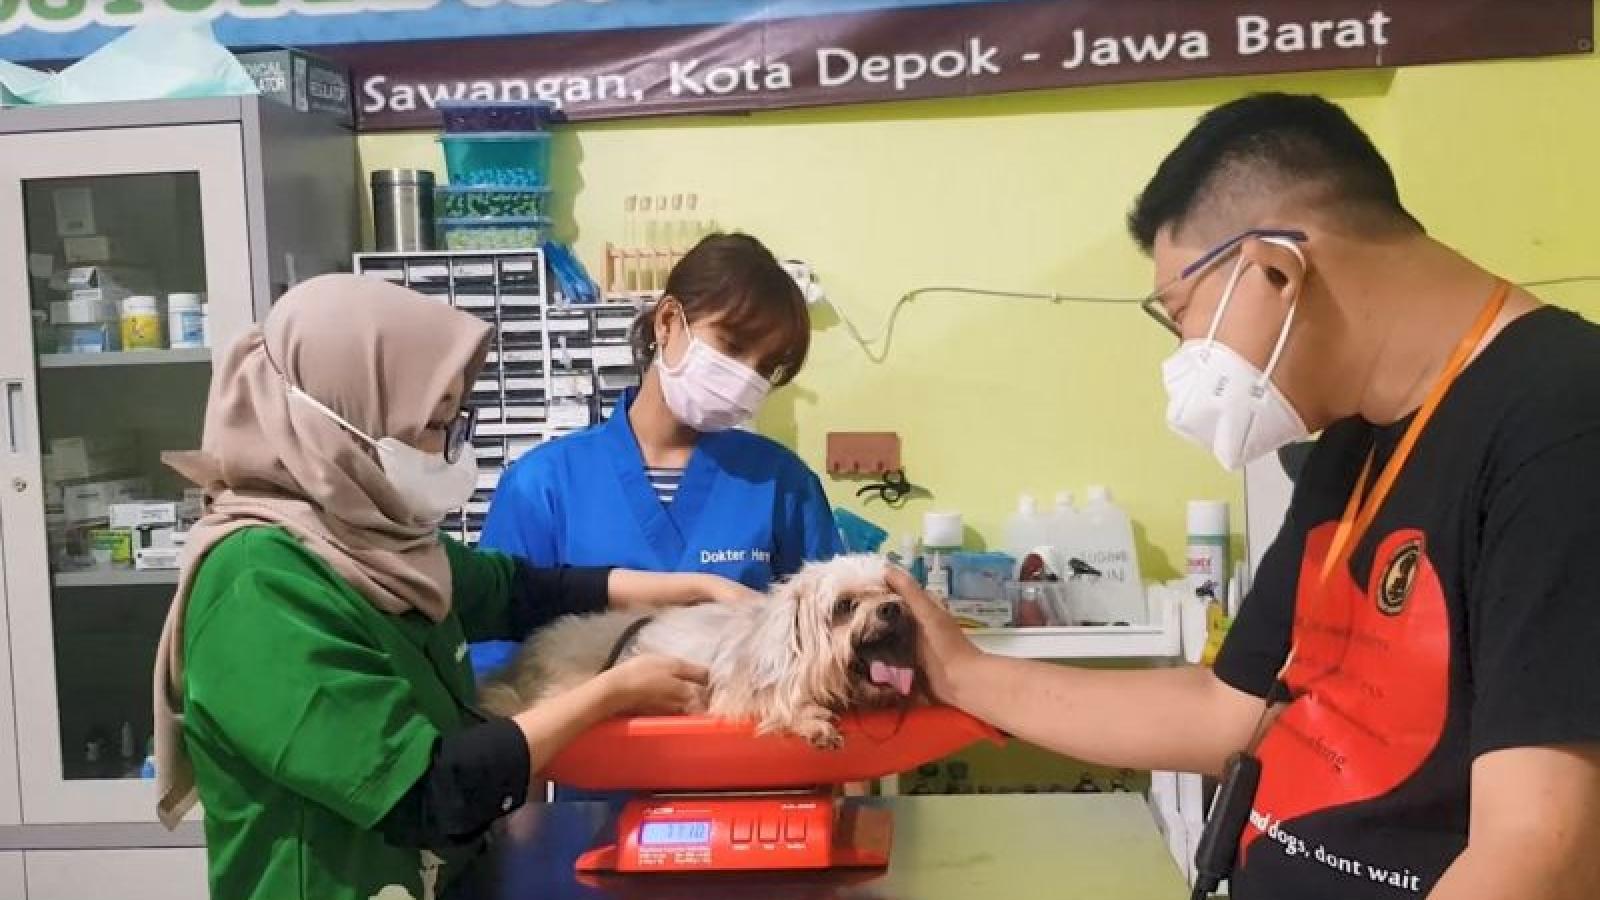 Câu chuyện của người Indonesia cứu hộ vật nuôi mắc COVID-19 miễn phí